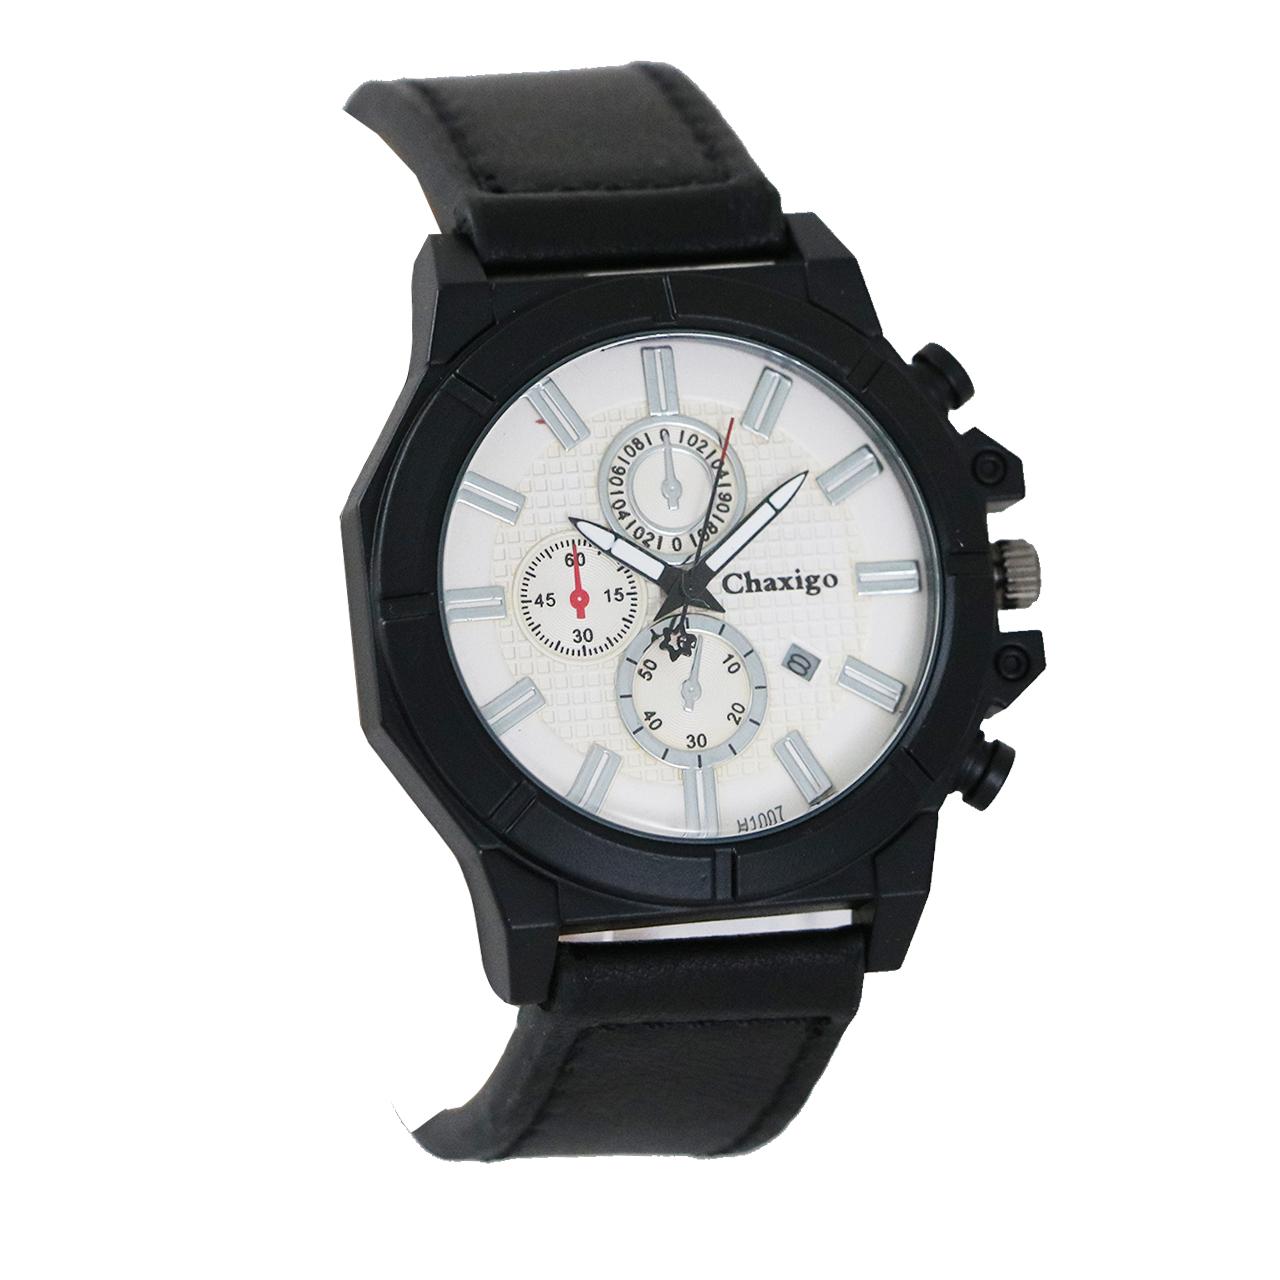 ساعت مچی عقربه ای مردانه چاکسیگو مدل MW426